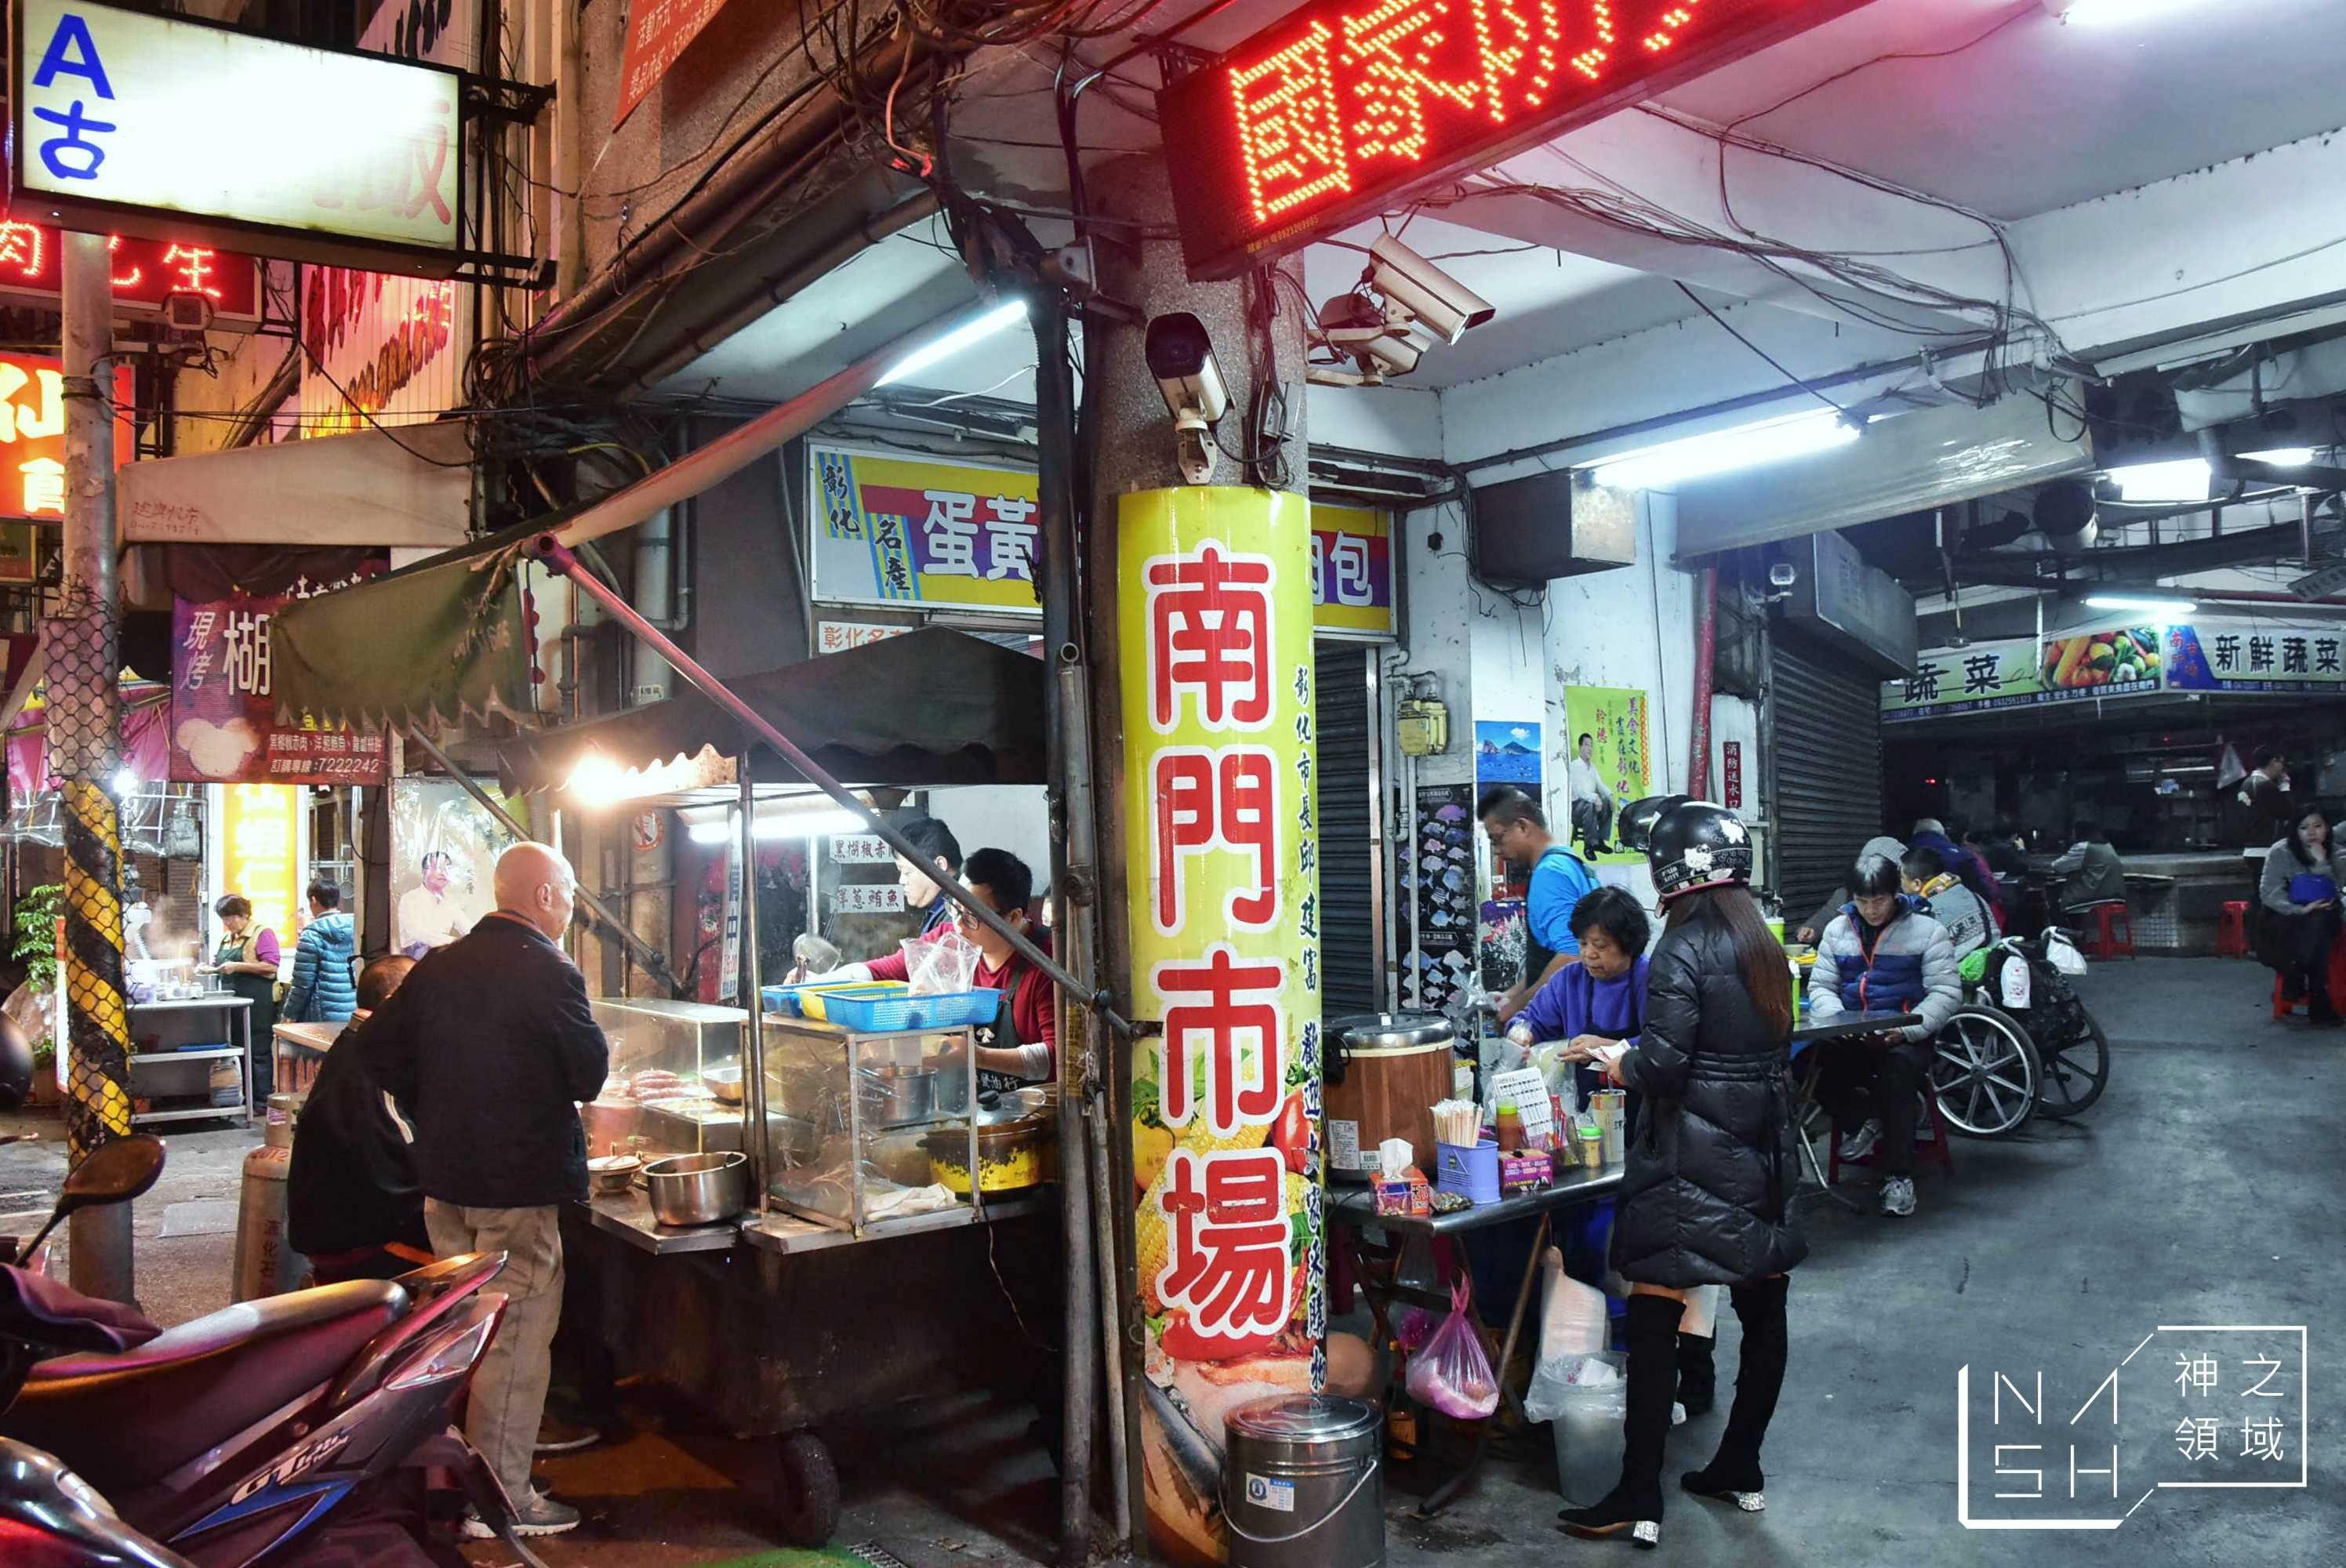 彰化爌肉飯推薦,A古爌肉飯,彰化南門市場爌肉飯